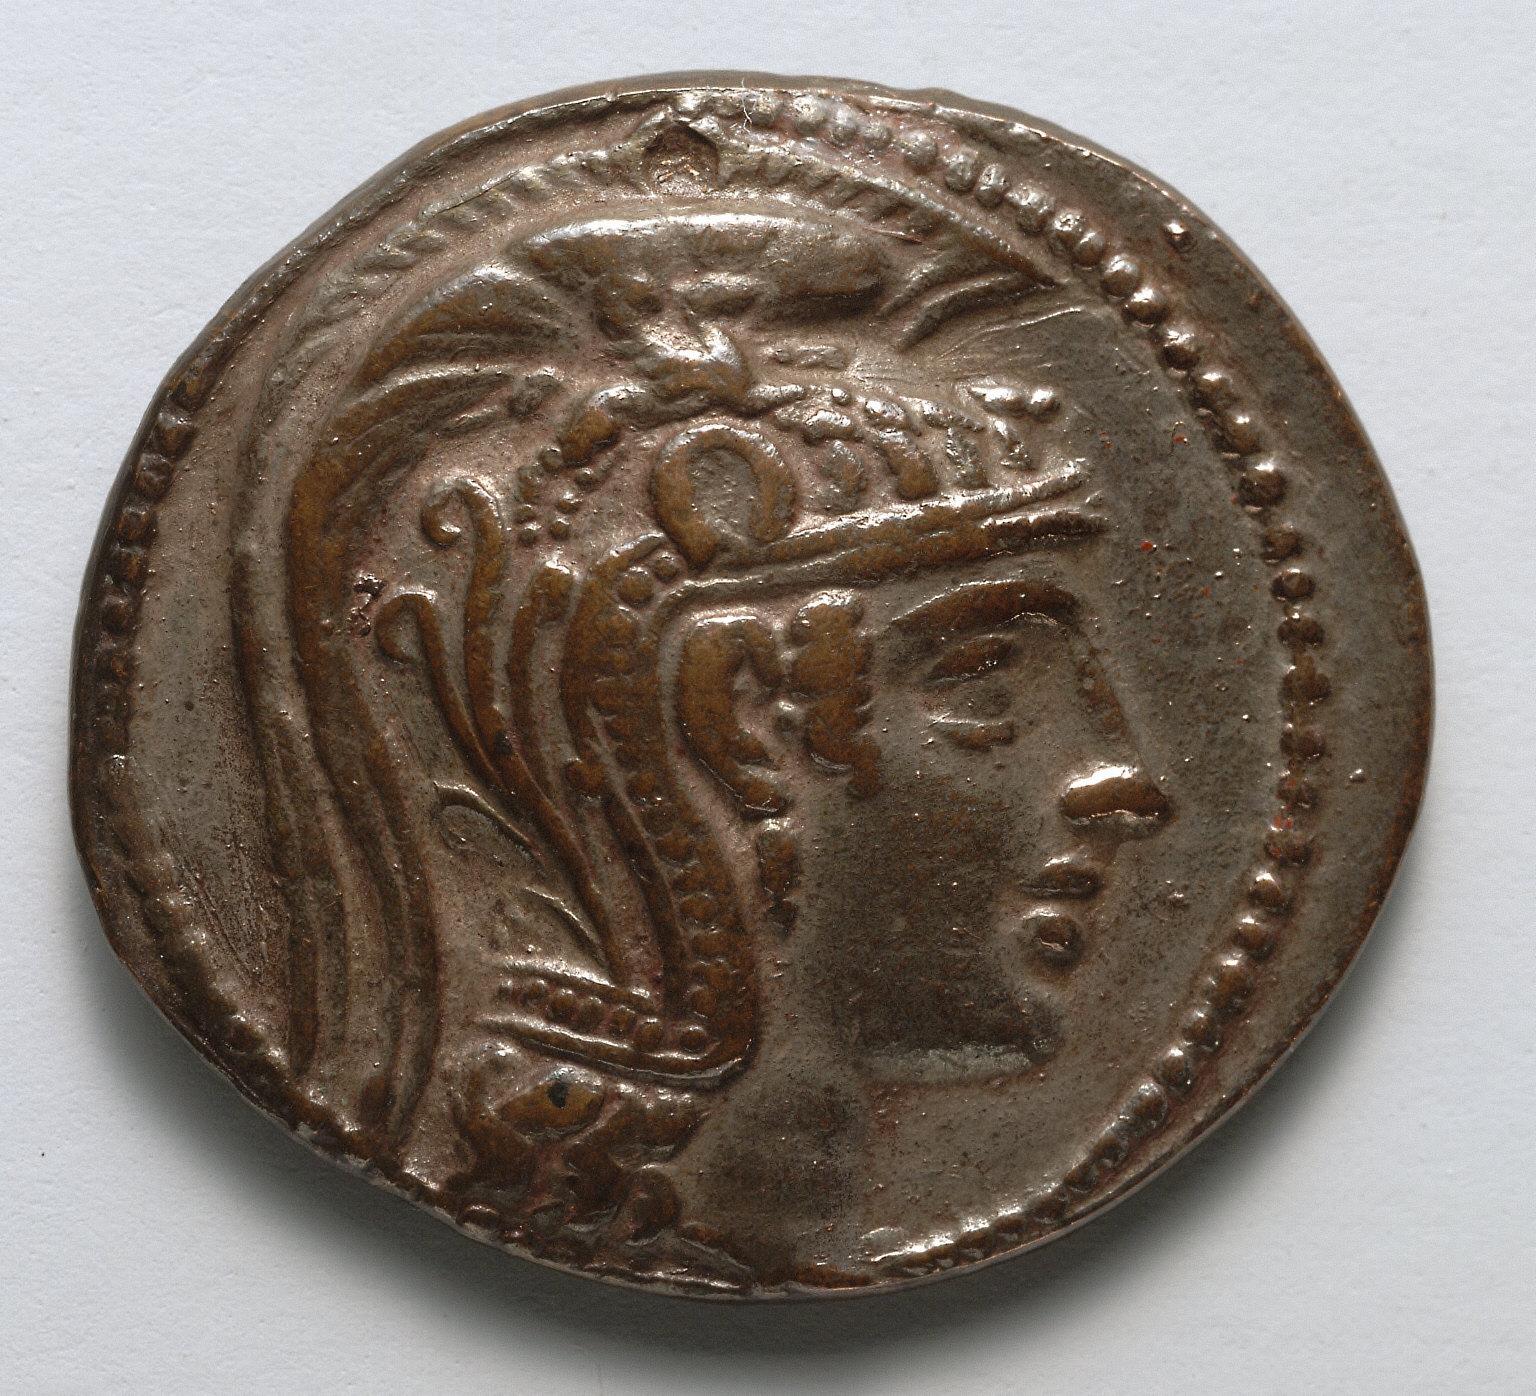 Tetradrachm: Head of Athena Parthenos (obverse)